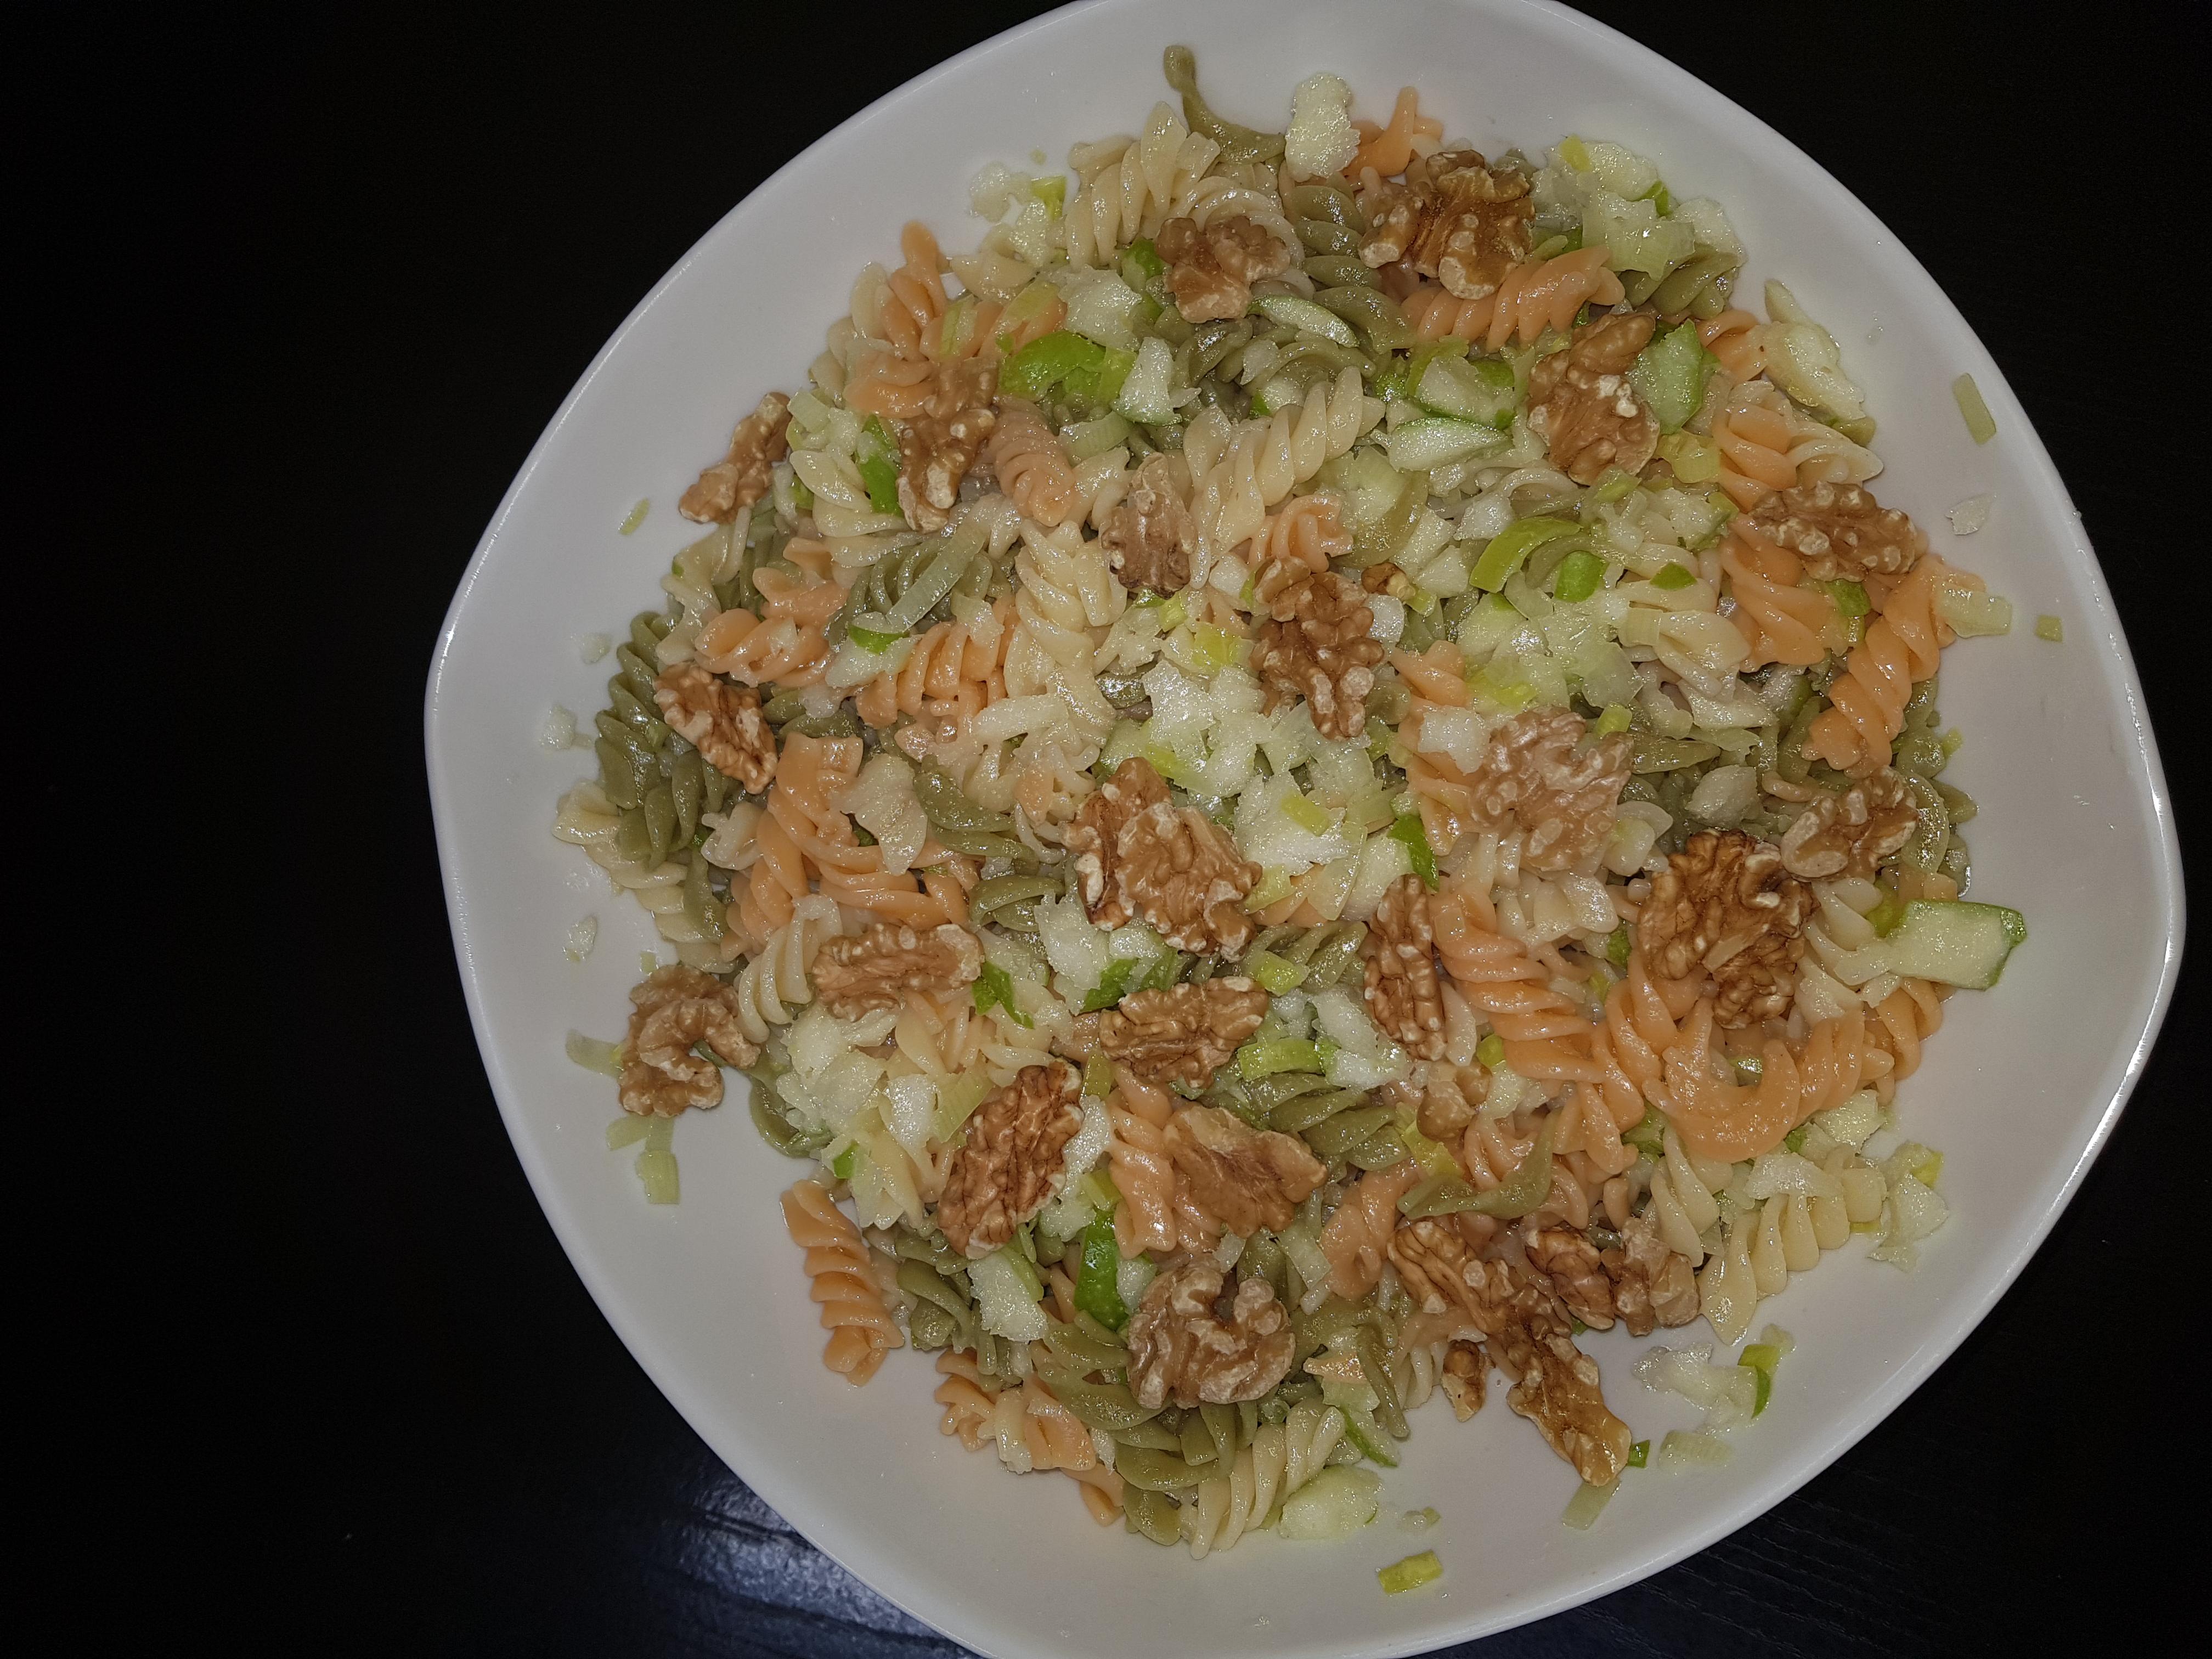 Ensalada de pasta integral verduras hortalizas y for Ensalada de pasta integral